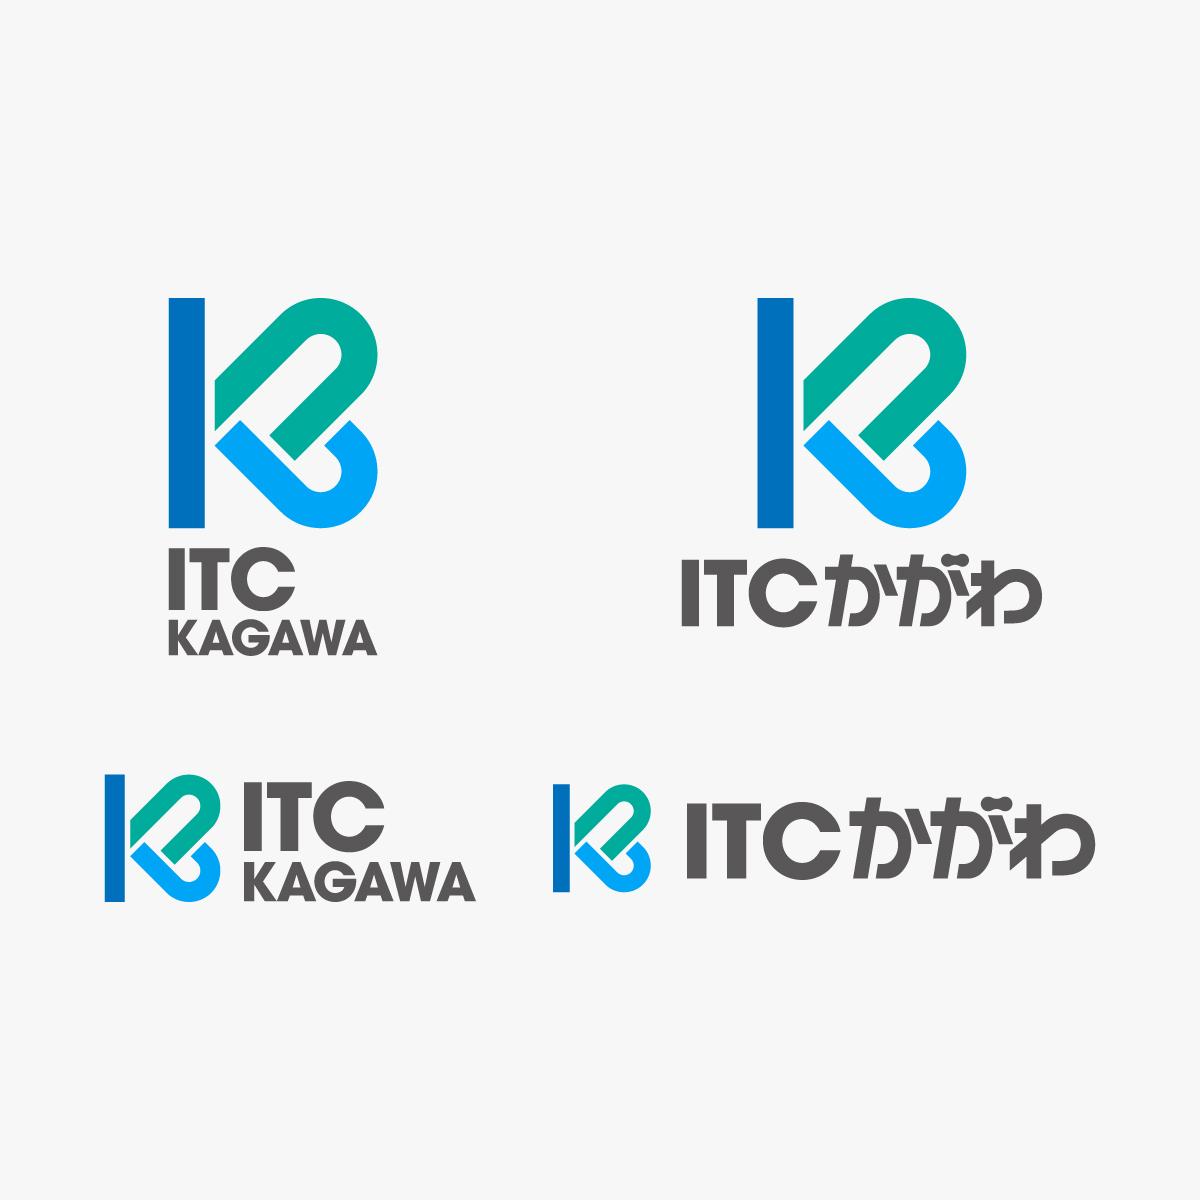 ITCかがわ,香川,ロゴマーク,デザイン